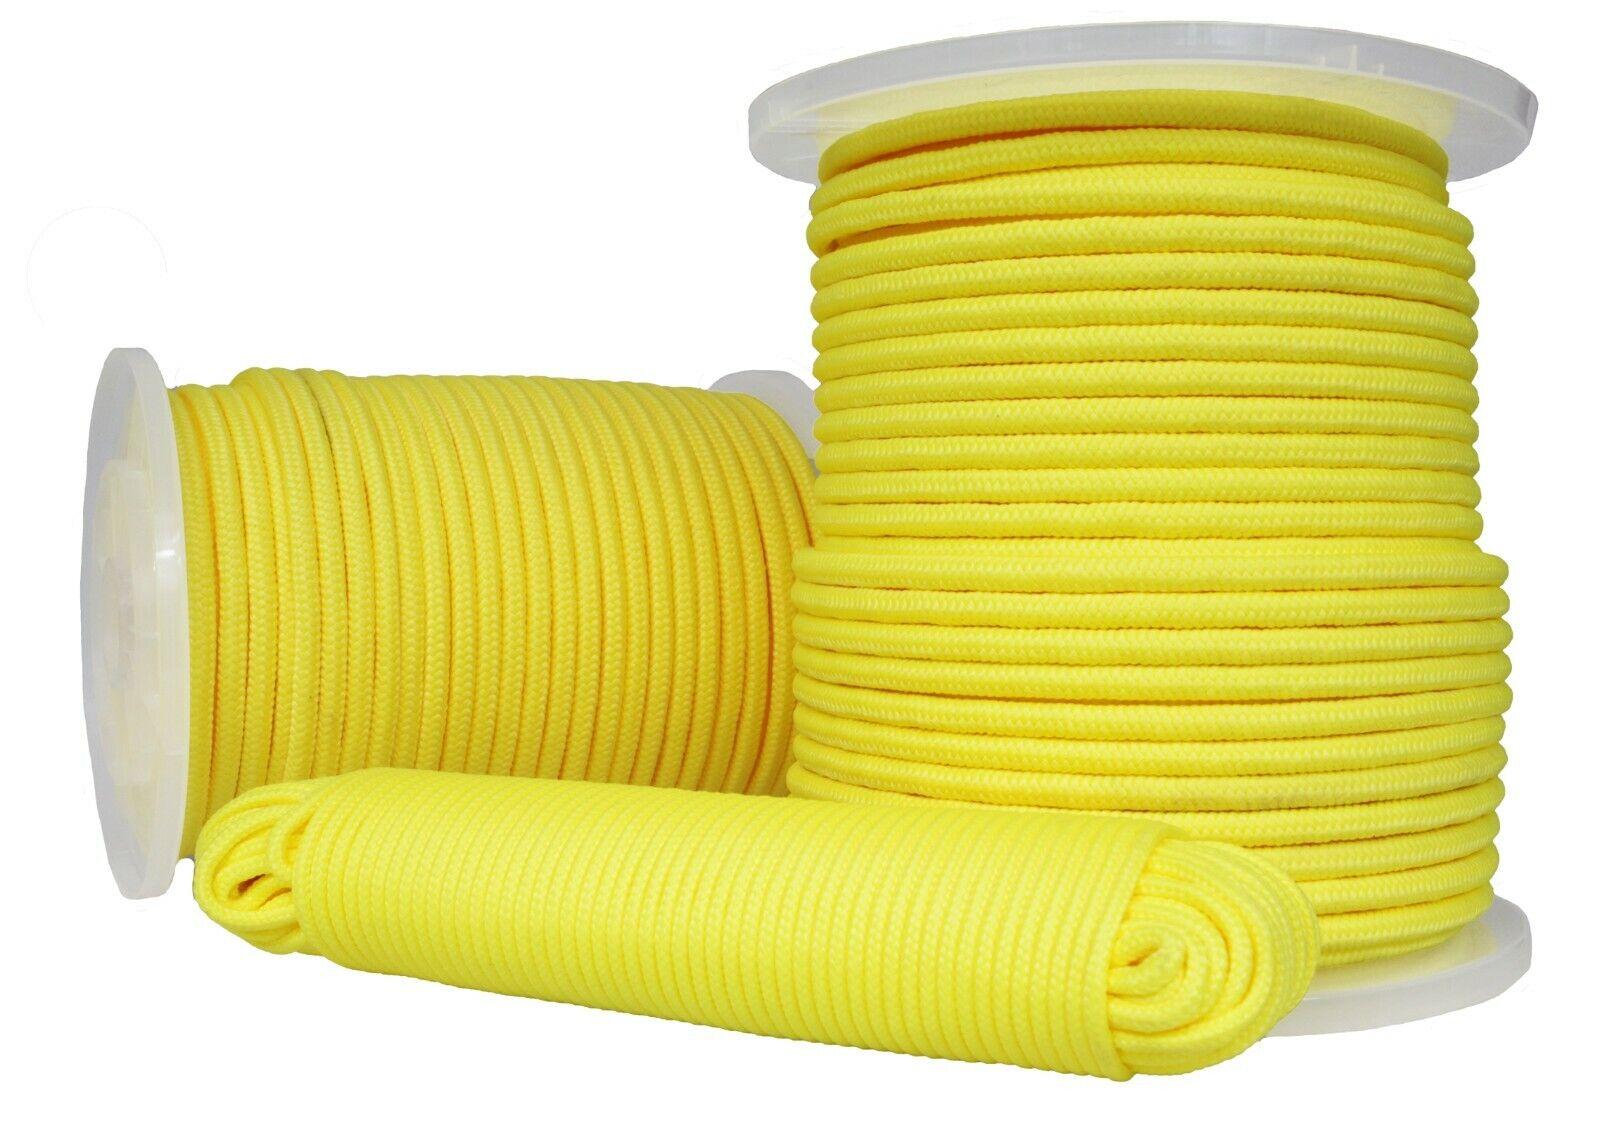 10 Meter am St/ück von Rolle abgespult 10 Flechtleine 5mm wei/ß 8-fach geflochten Seil Polyester